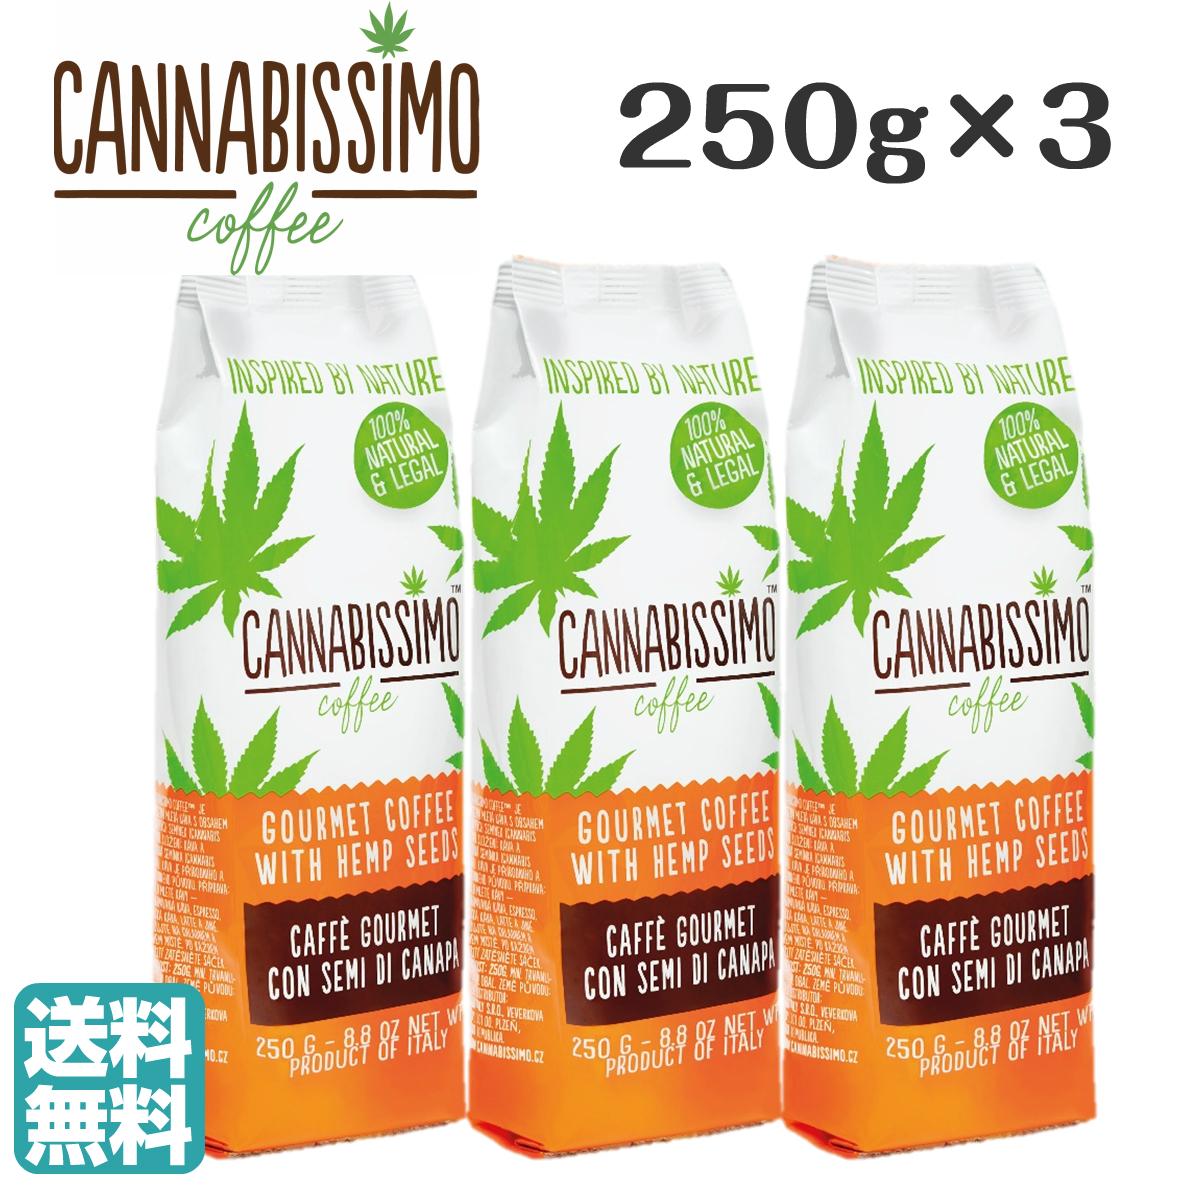 イタリア原産のヘルシーコーヒー お得な3袋セット 3袋セット 迅速な対応で商品をお届け致します カナビッシモ コーヒー Coffee 粉 通販 250g×3 CANNABISSIMO bekomarket